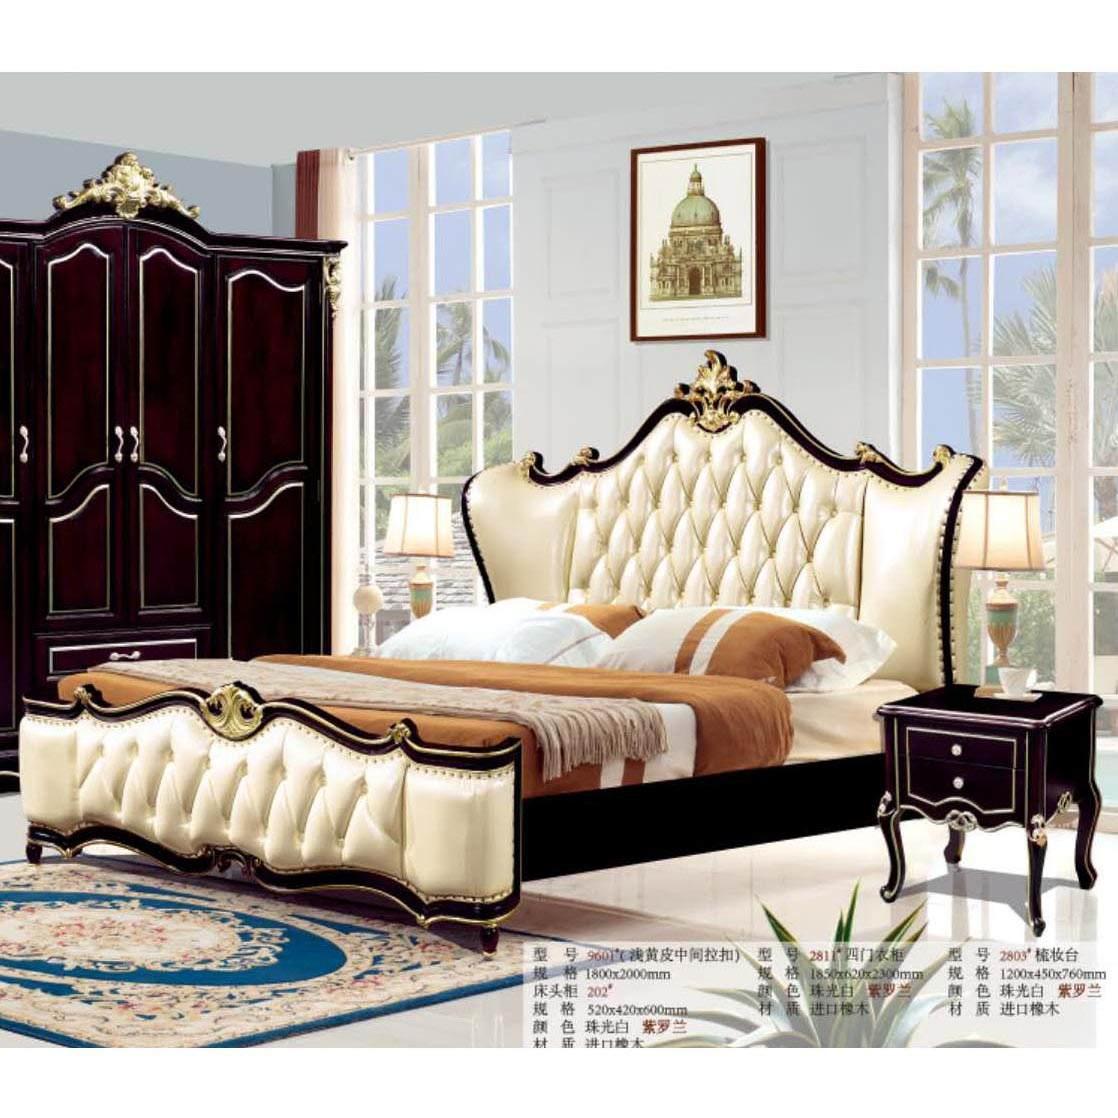 欧式实木双人床 主卧床1.8米婚床新古典黑檀橡木雕花美式真皮床